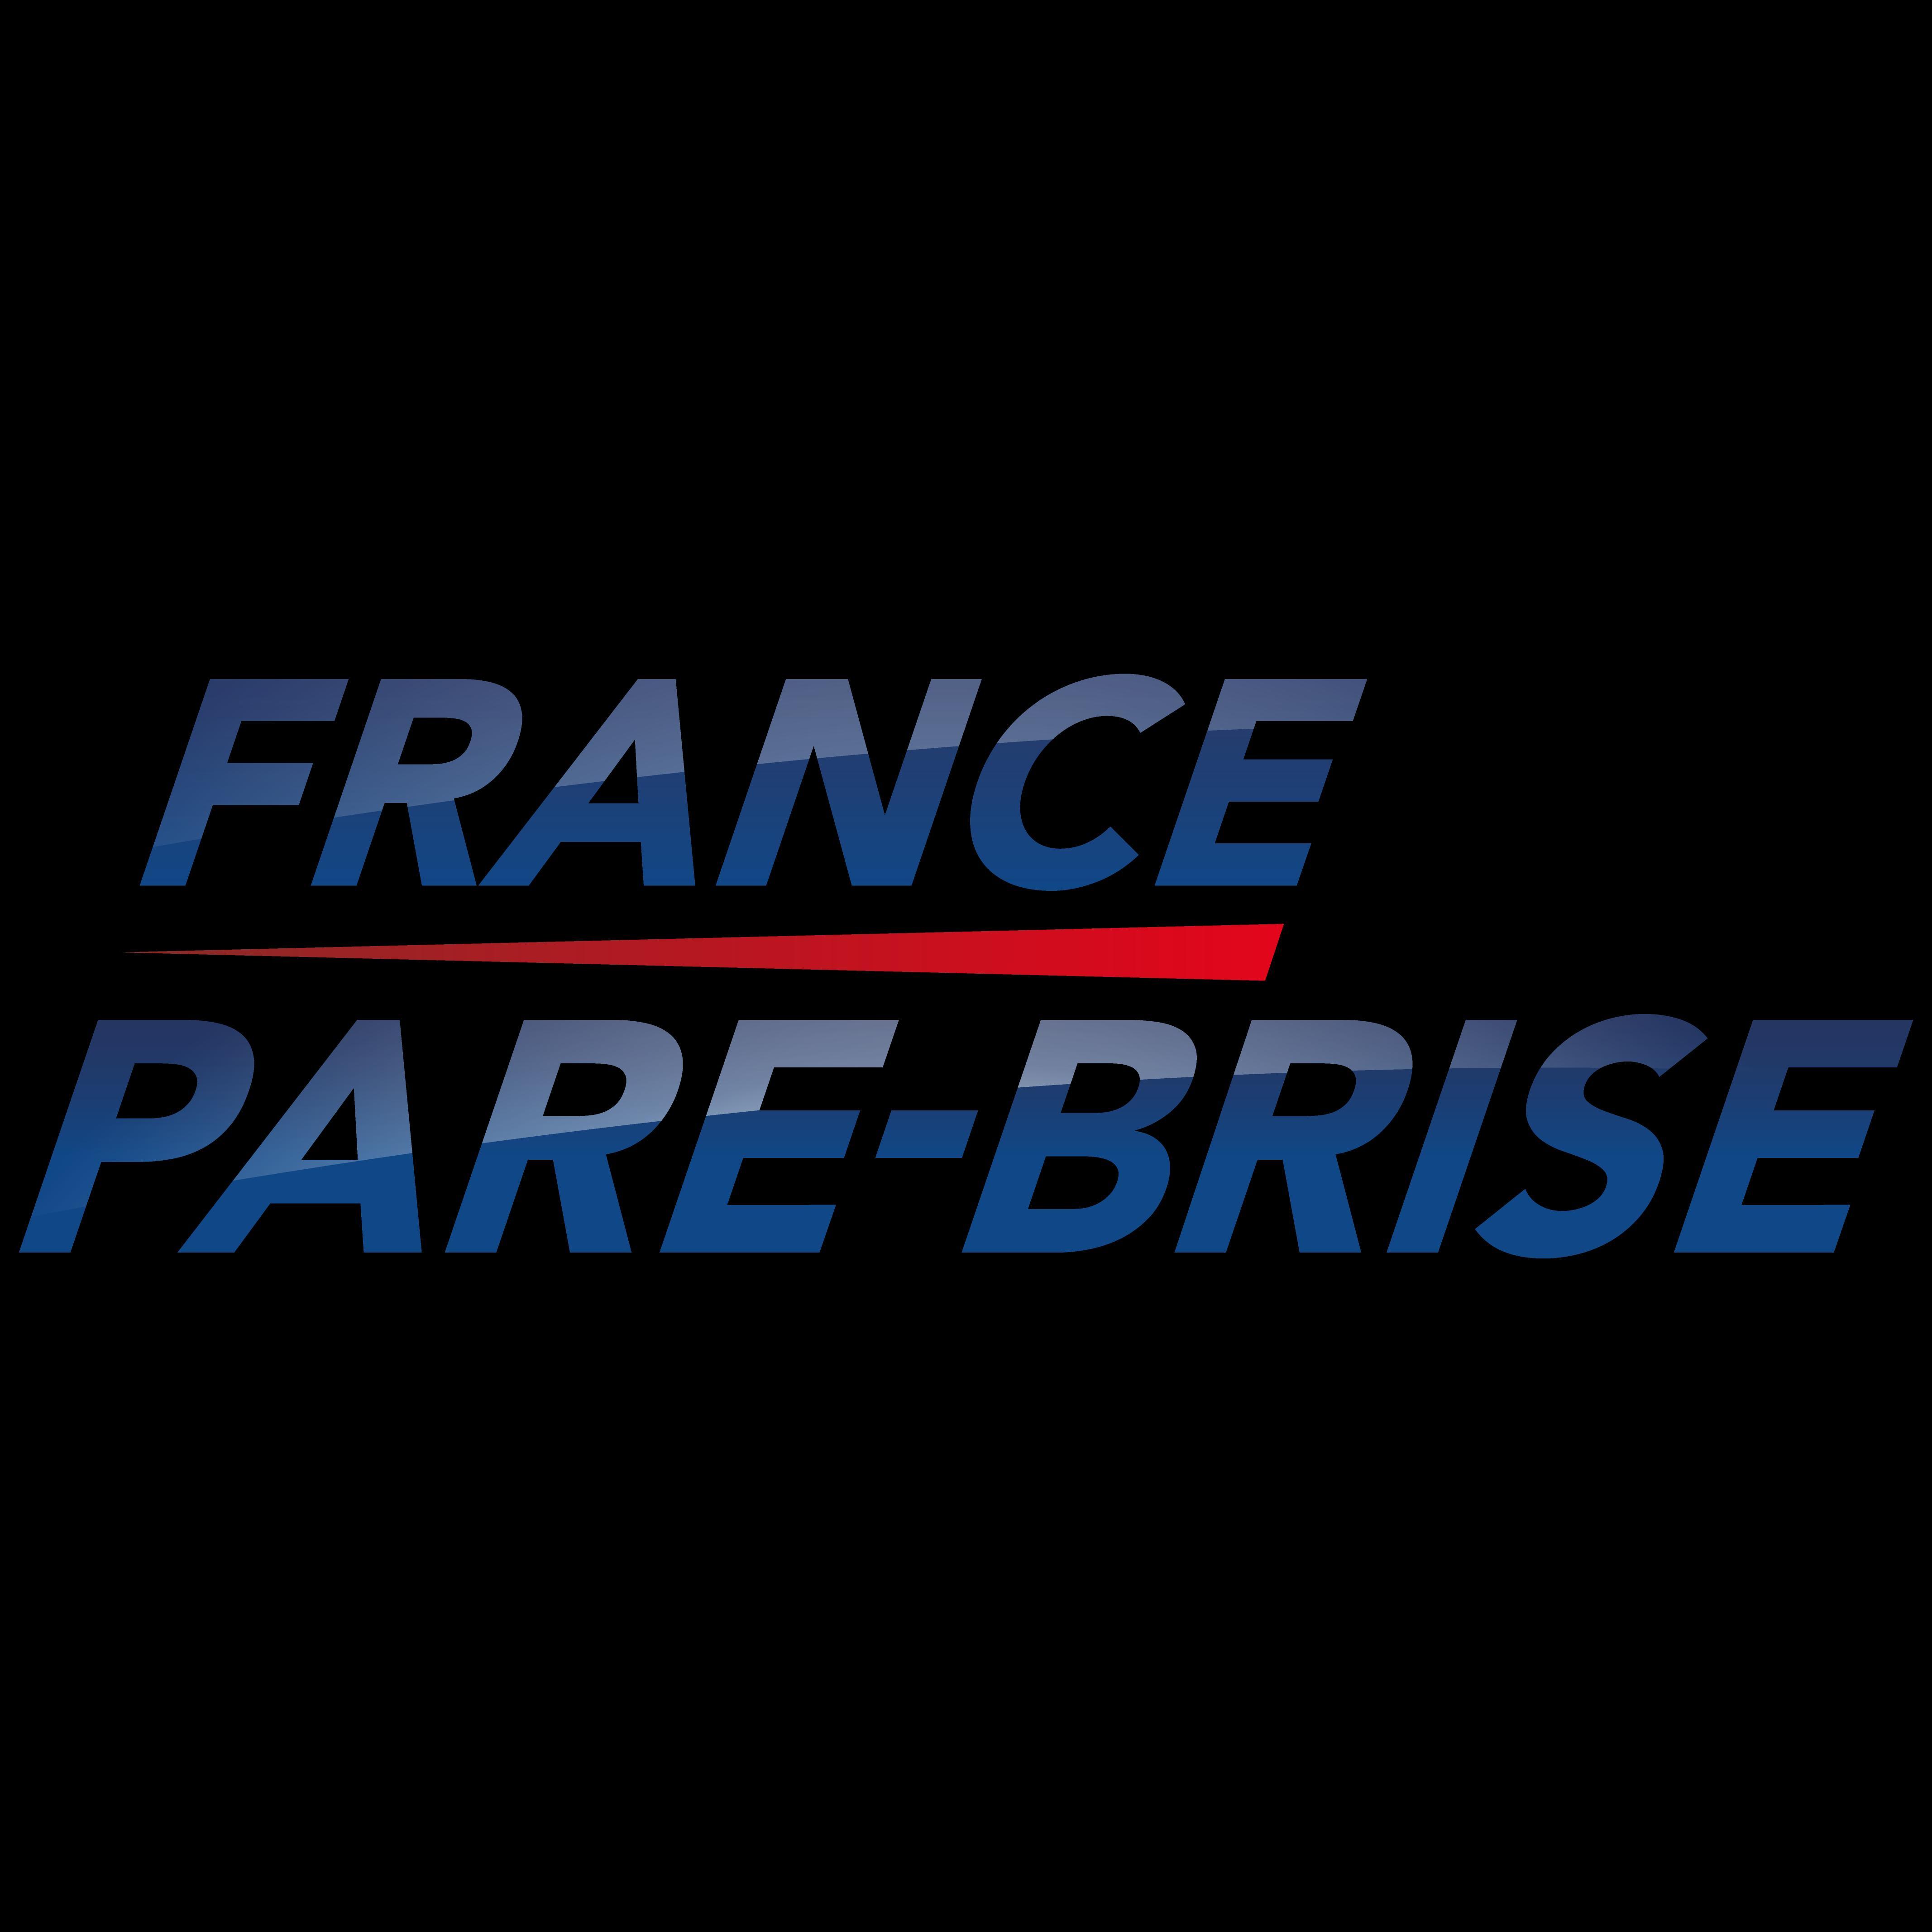 France Pare-brise Fos Sur Mer